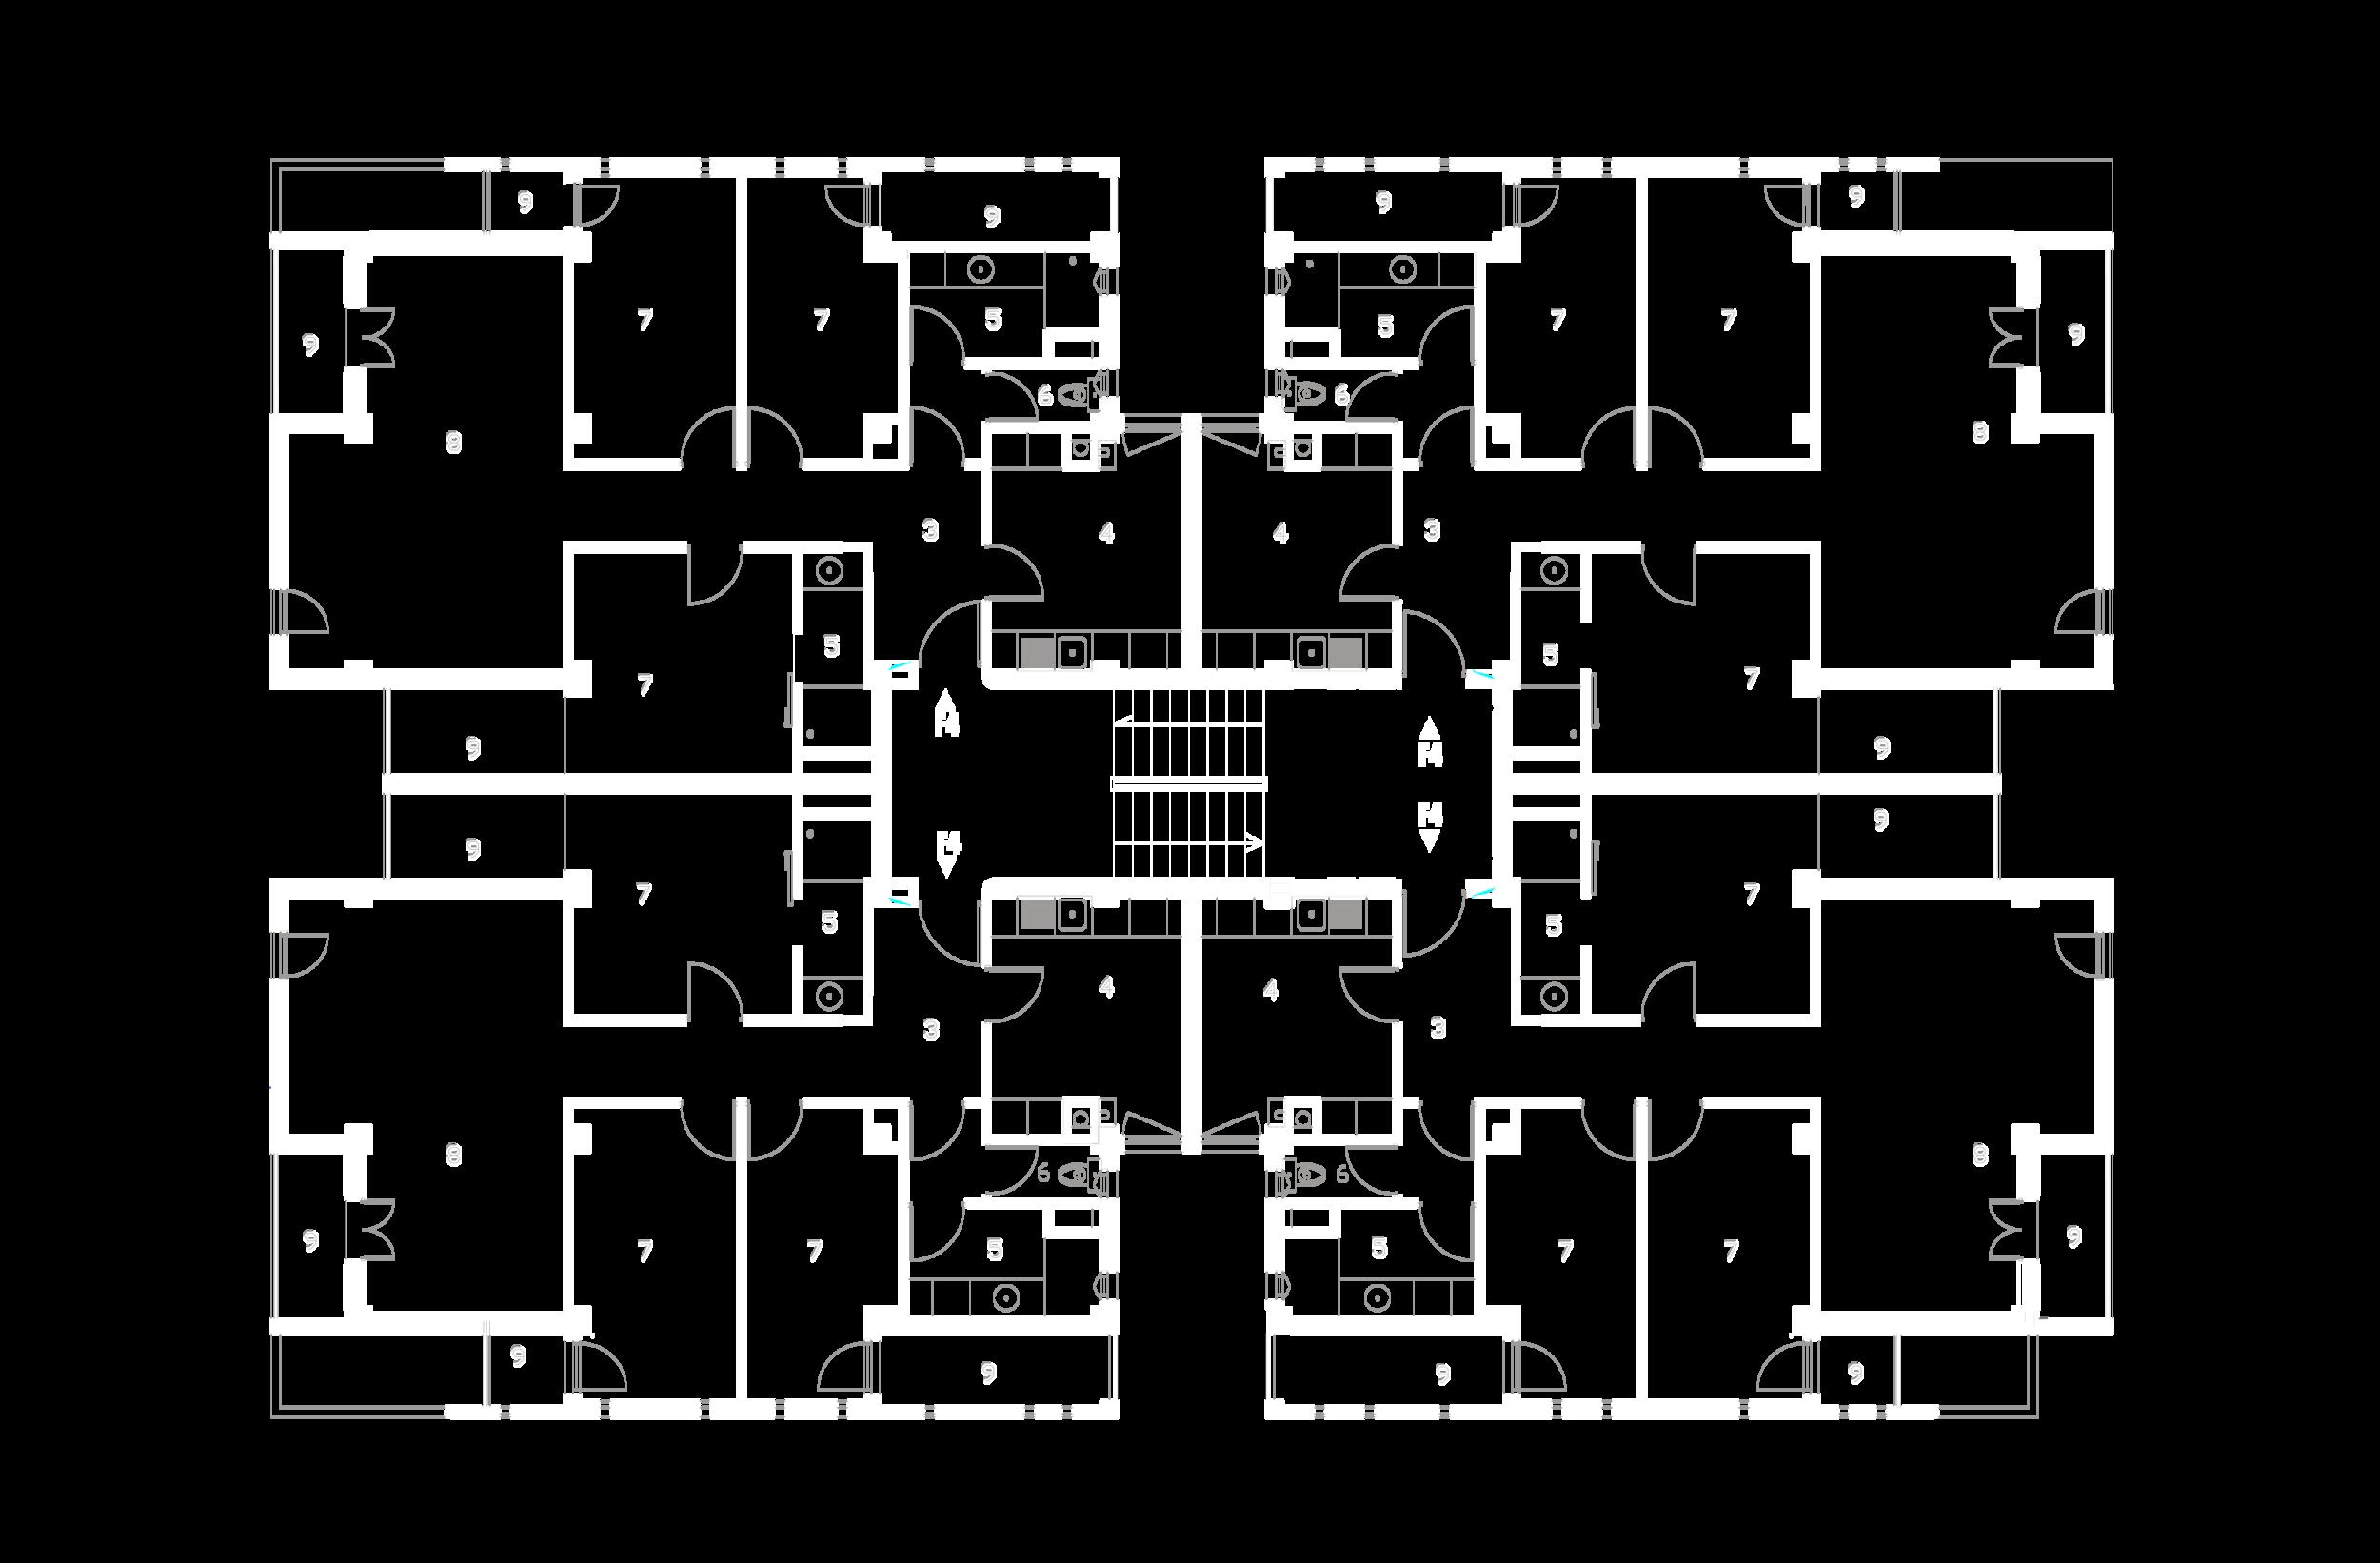 Plan étage courant bâtiment A :  3- Hall et dégagement, 4- Cuisine, 5- Salle de bain, 6- WC, 7- Chambre, 8- Salon, 9- Loggia.